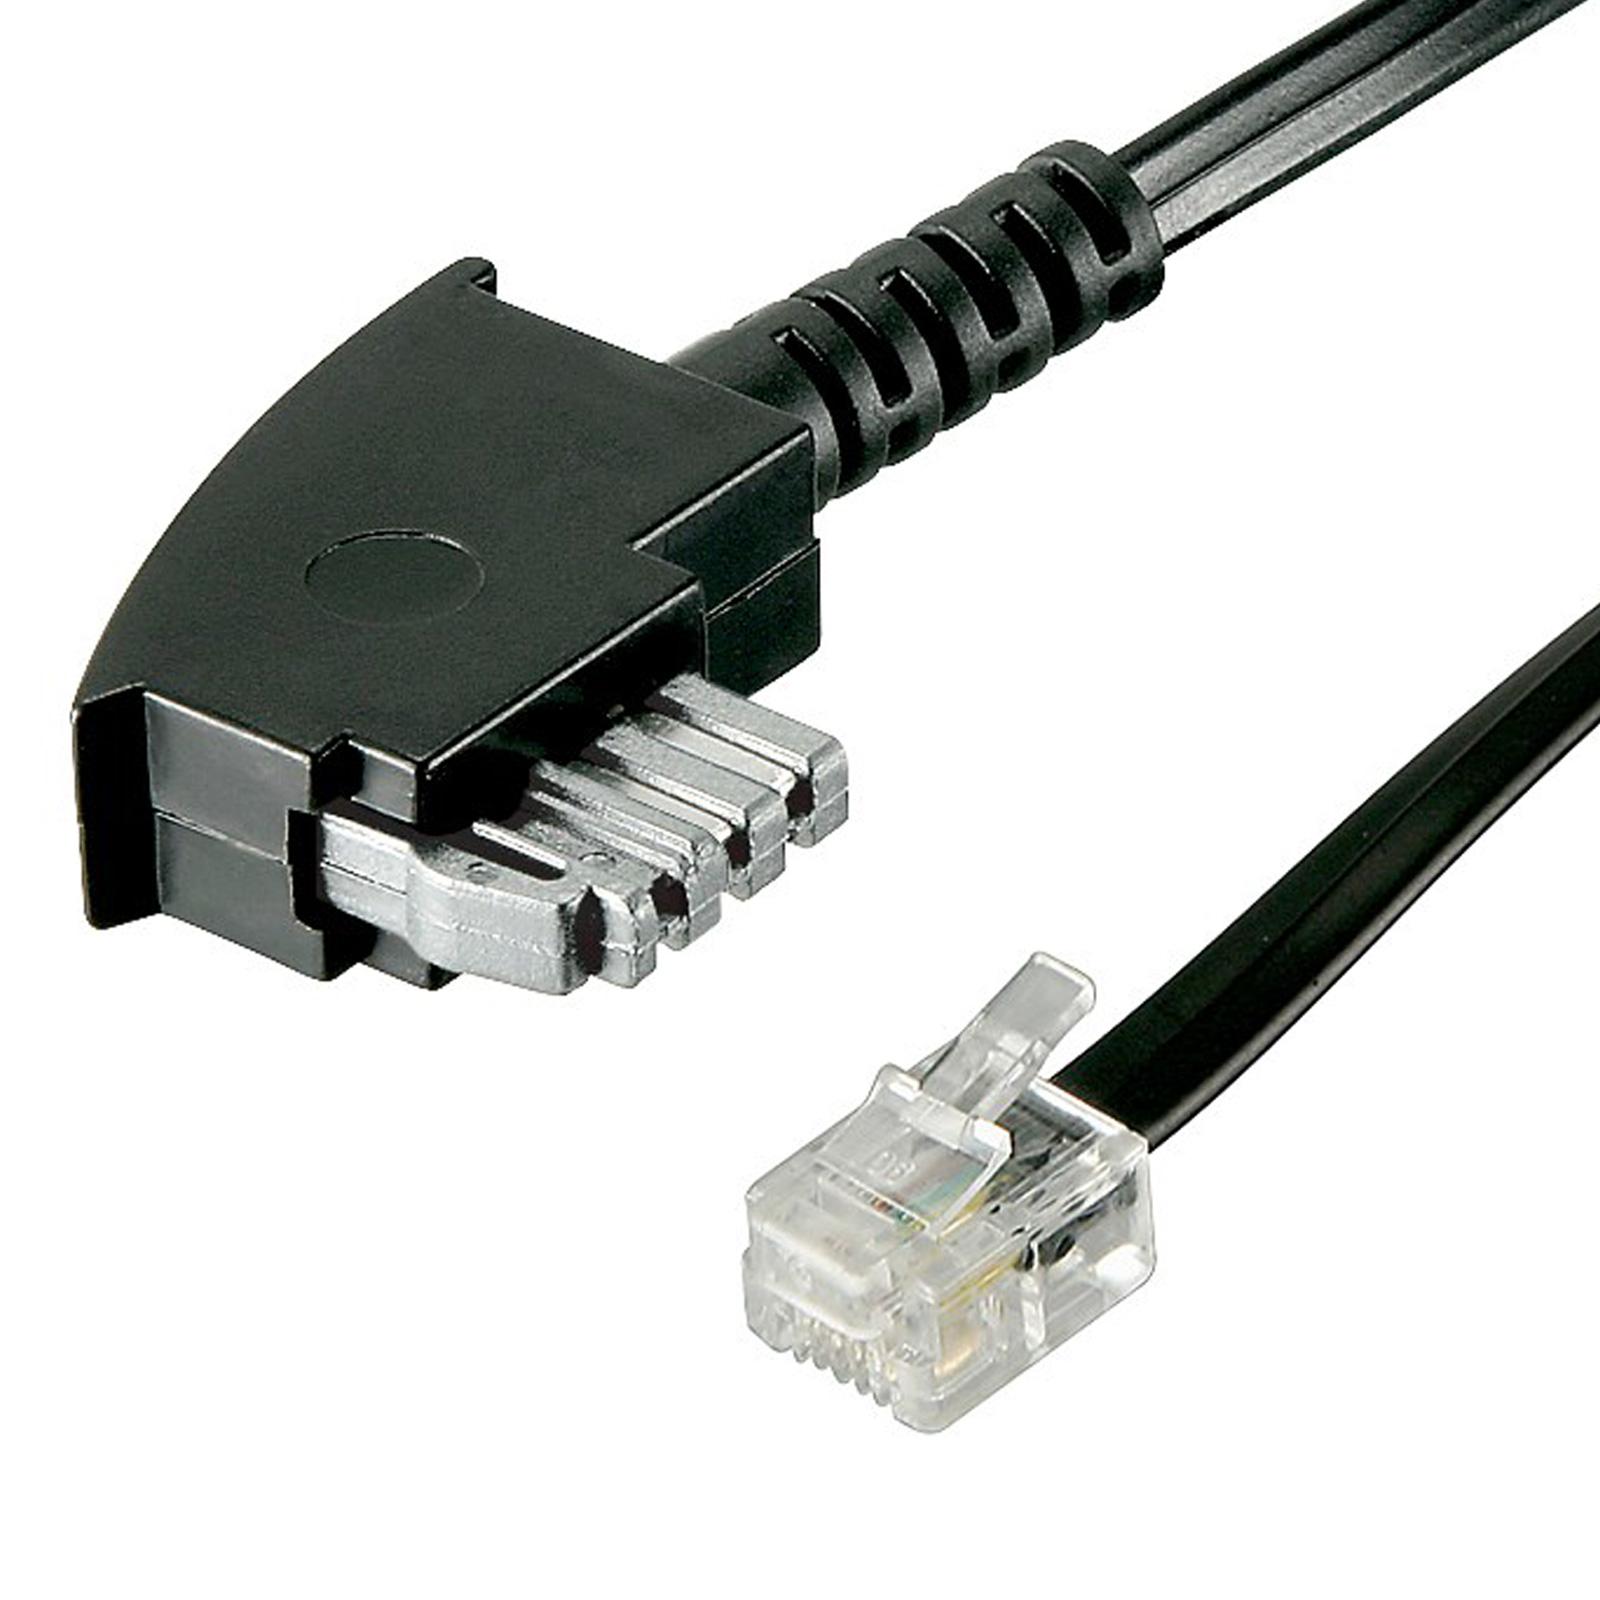 3m telefon kabel mit br cke tae n st rj11 st 6p2c f r. Black Bedroom Furniture Sets. Home Design Ideas